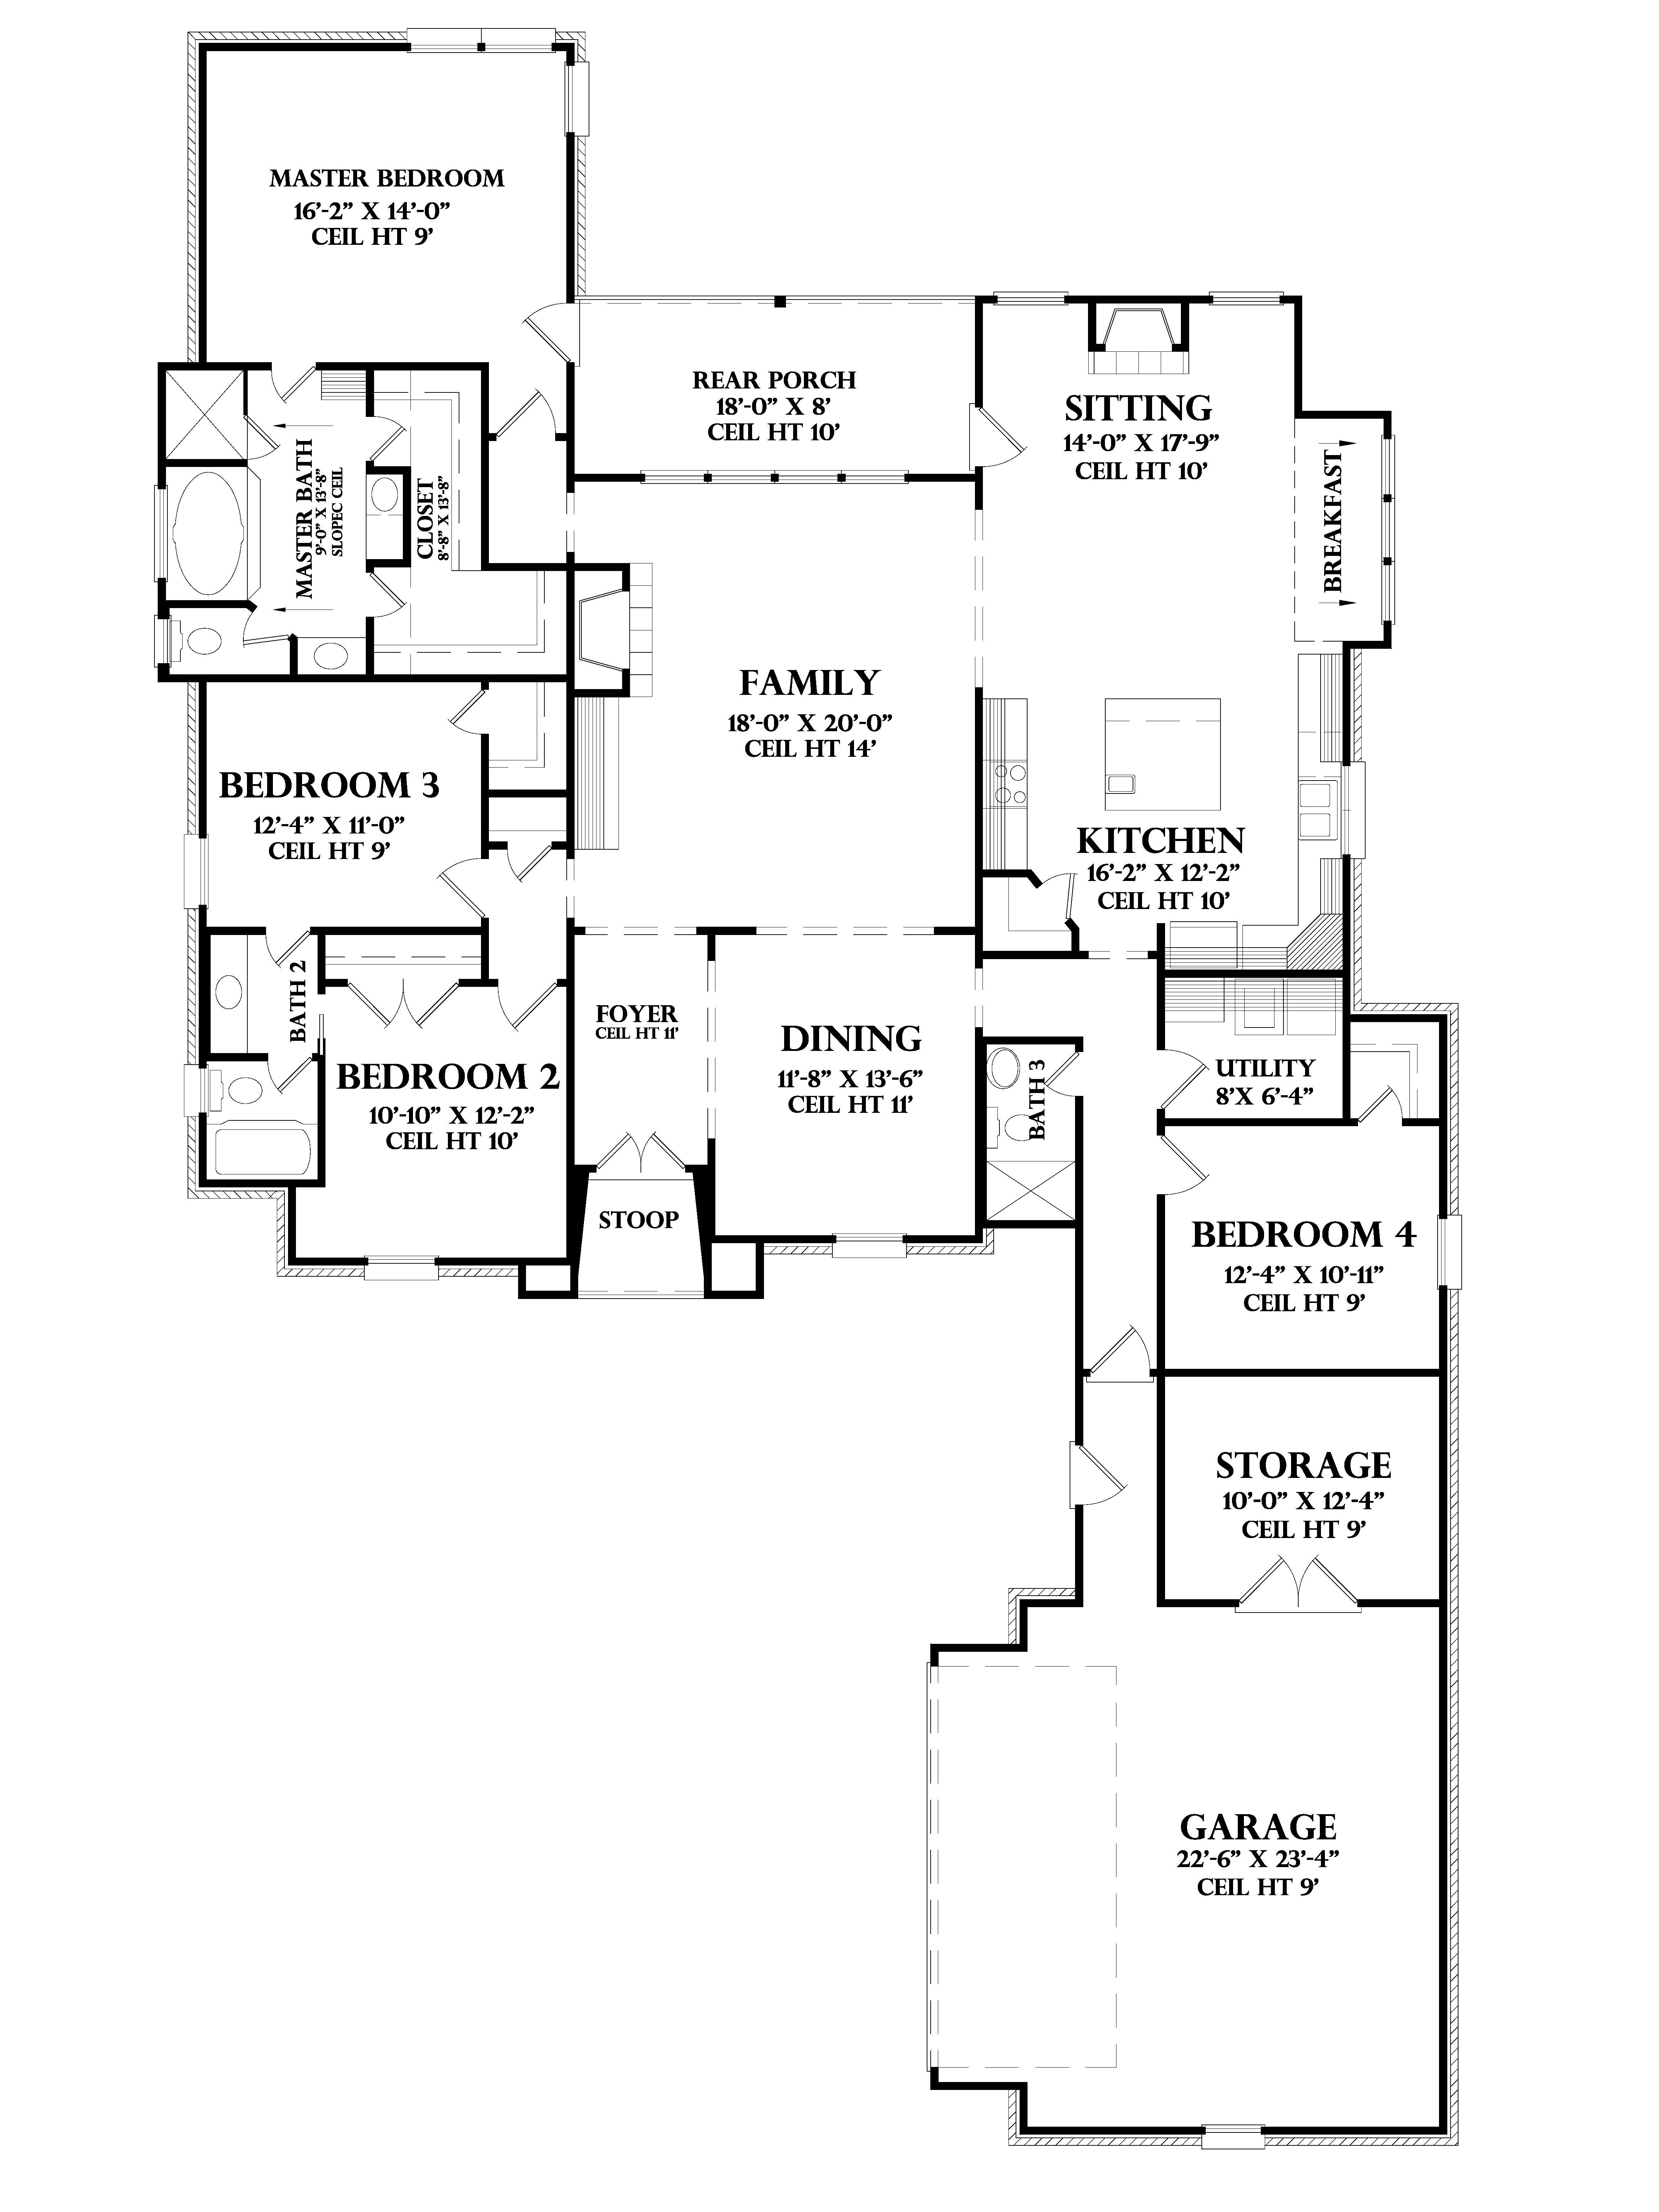 Tarascon acadiana home design for Acadiana home design